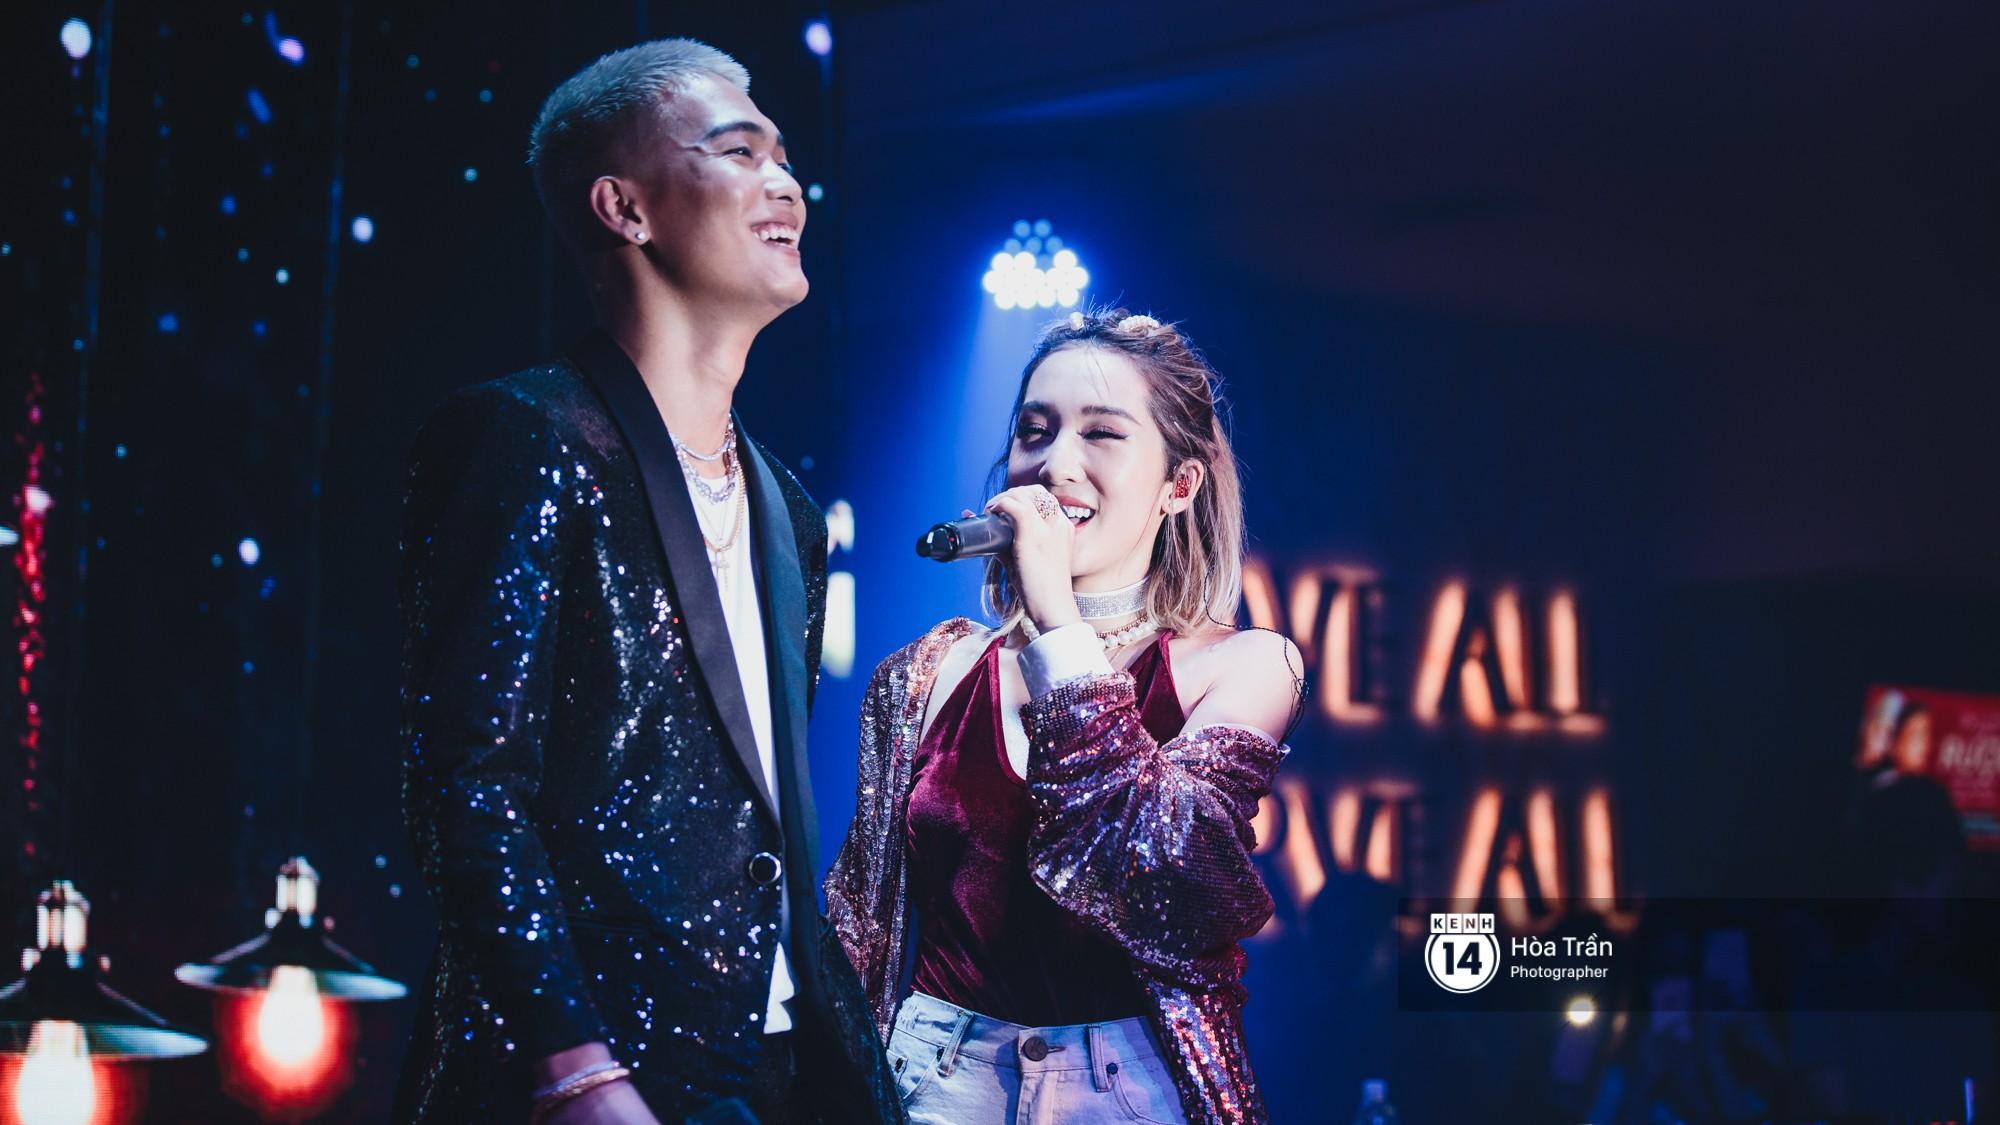 Emily và Big Daddy khóa môi nhau cực ngọt, công khai nói lời yêu lãng mạn tại concert đầu tiên trong sự nghiệp - Ảnh 1.